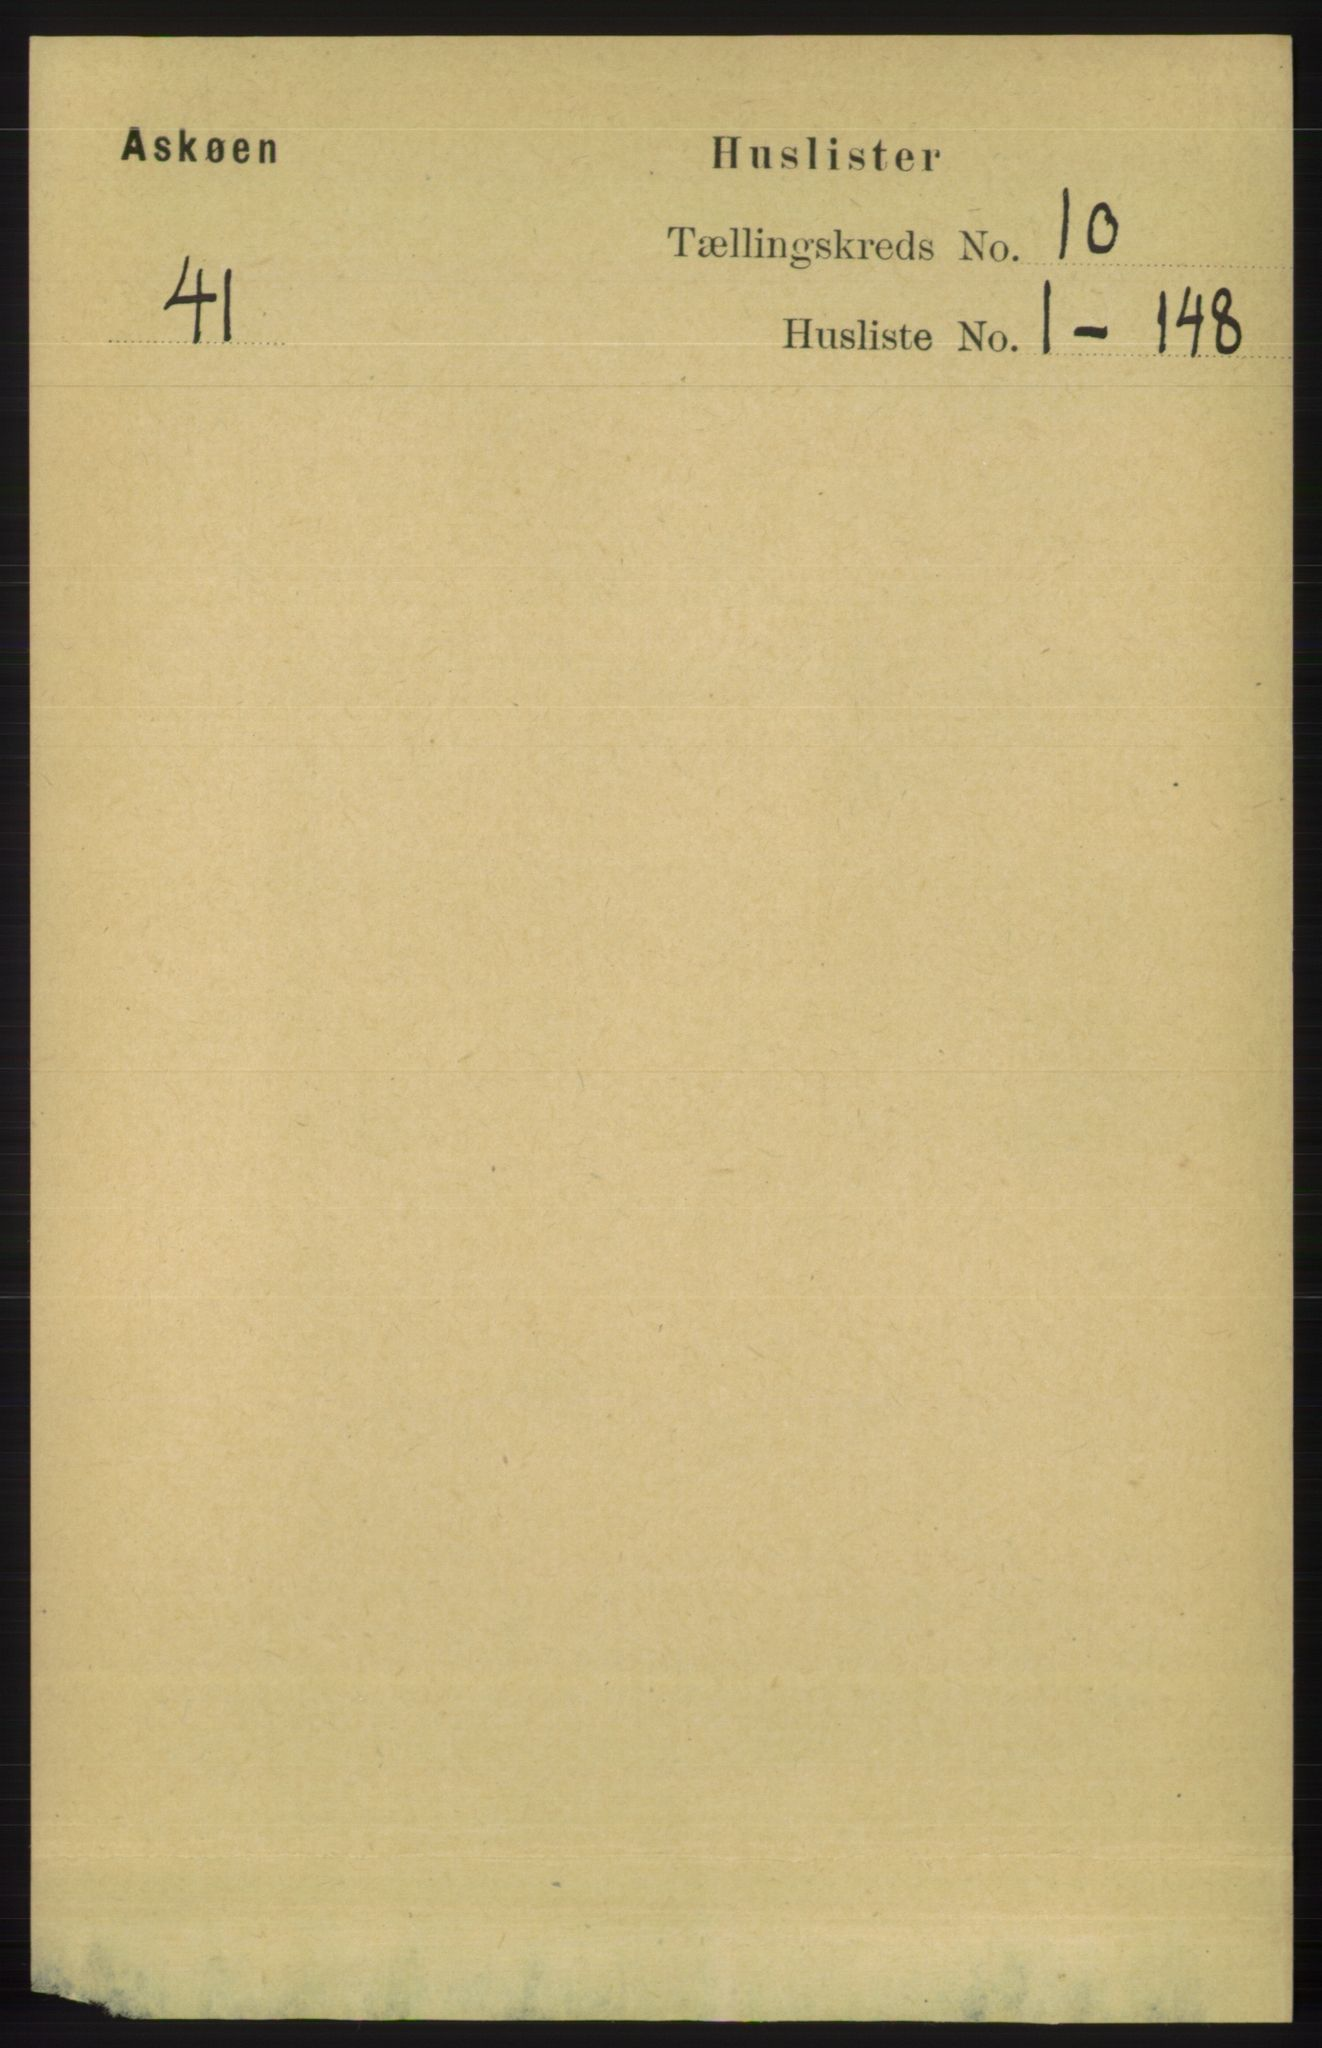 RA, Folketelling 1891 for 1247 Askøy herred, 1891, s. 6256